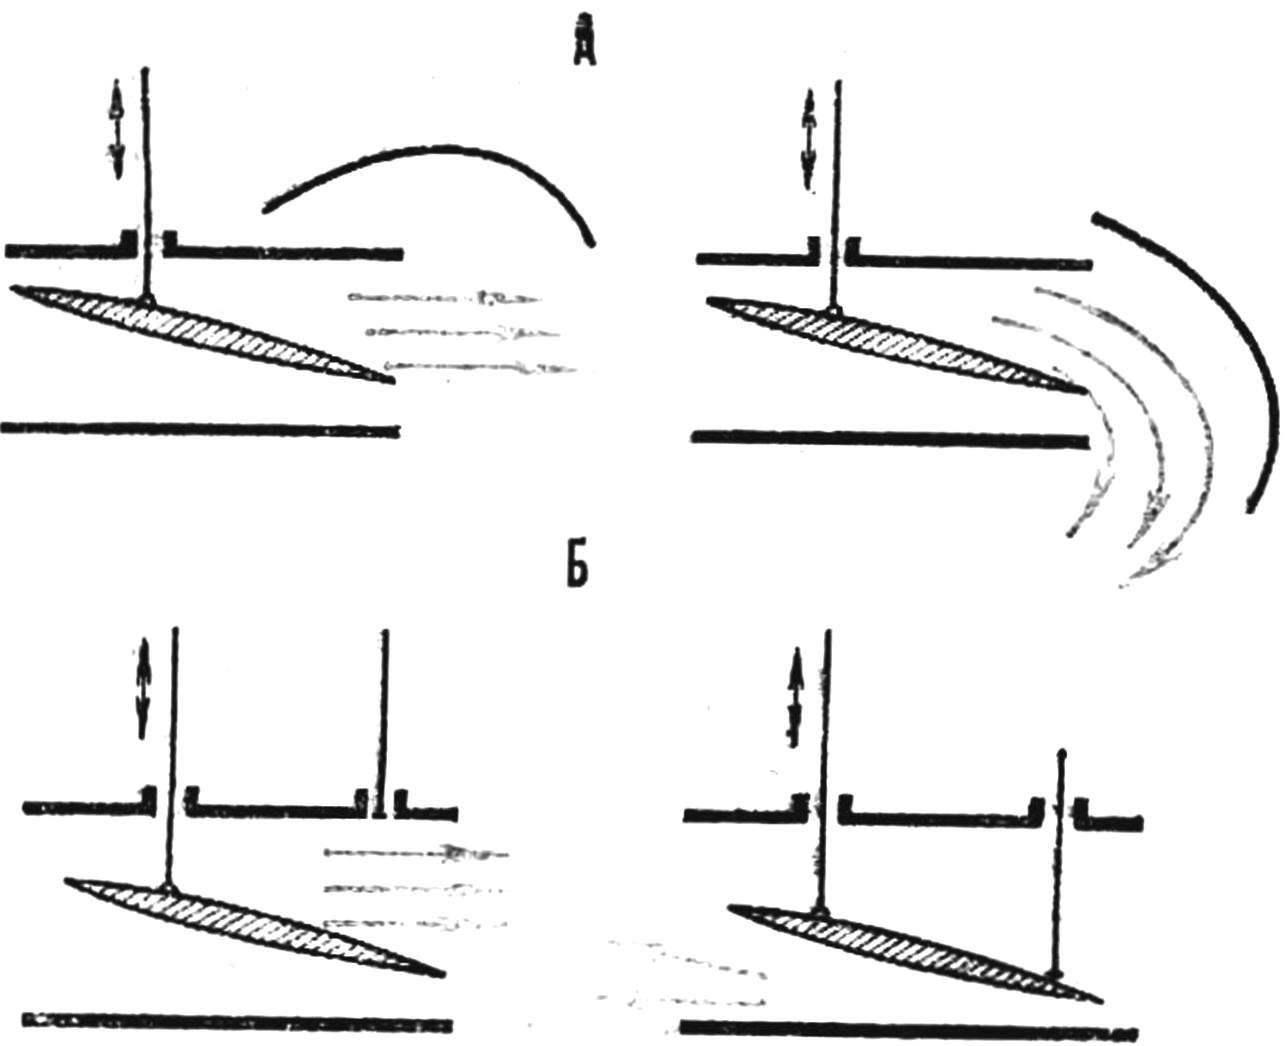 Рис. 3. Два варианта реверсирования тяги